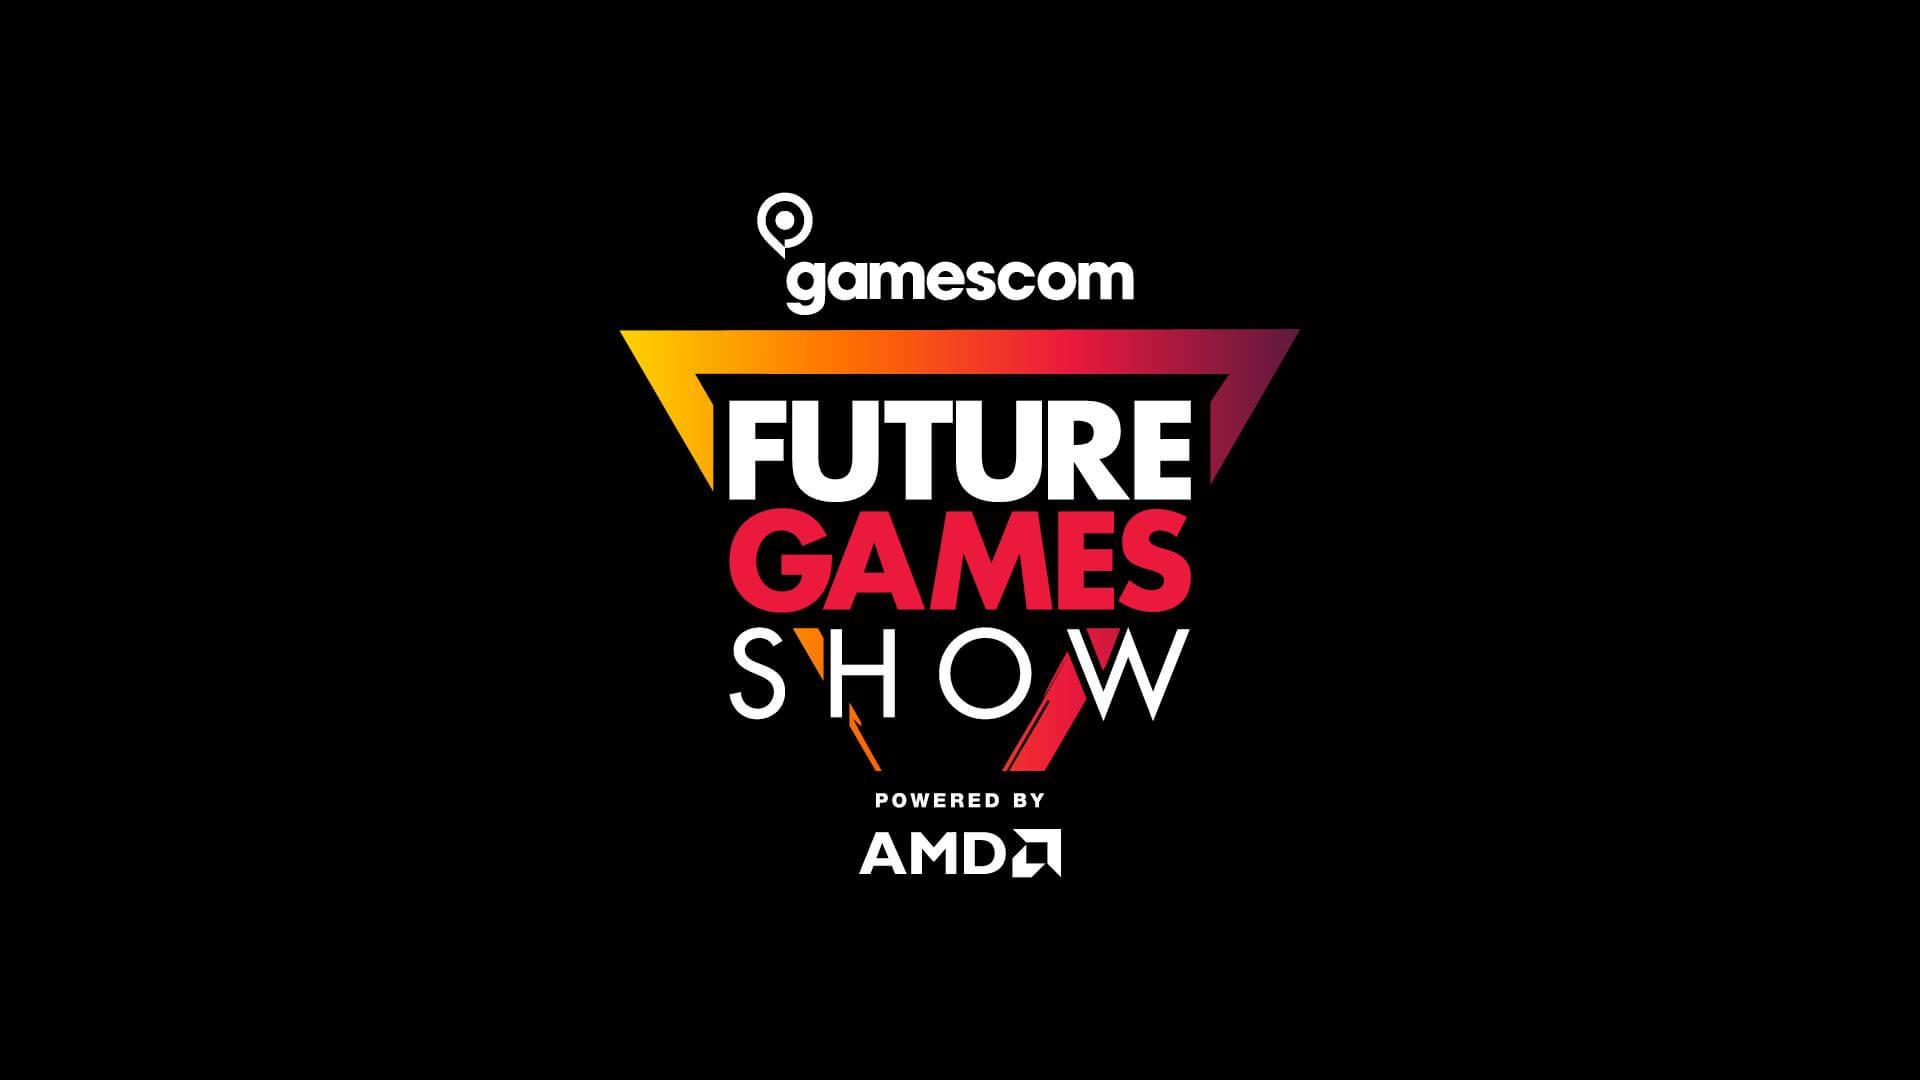 future-games-show-gamescom-2021